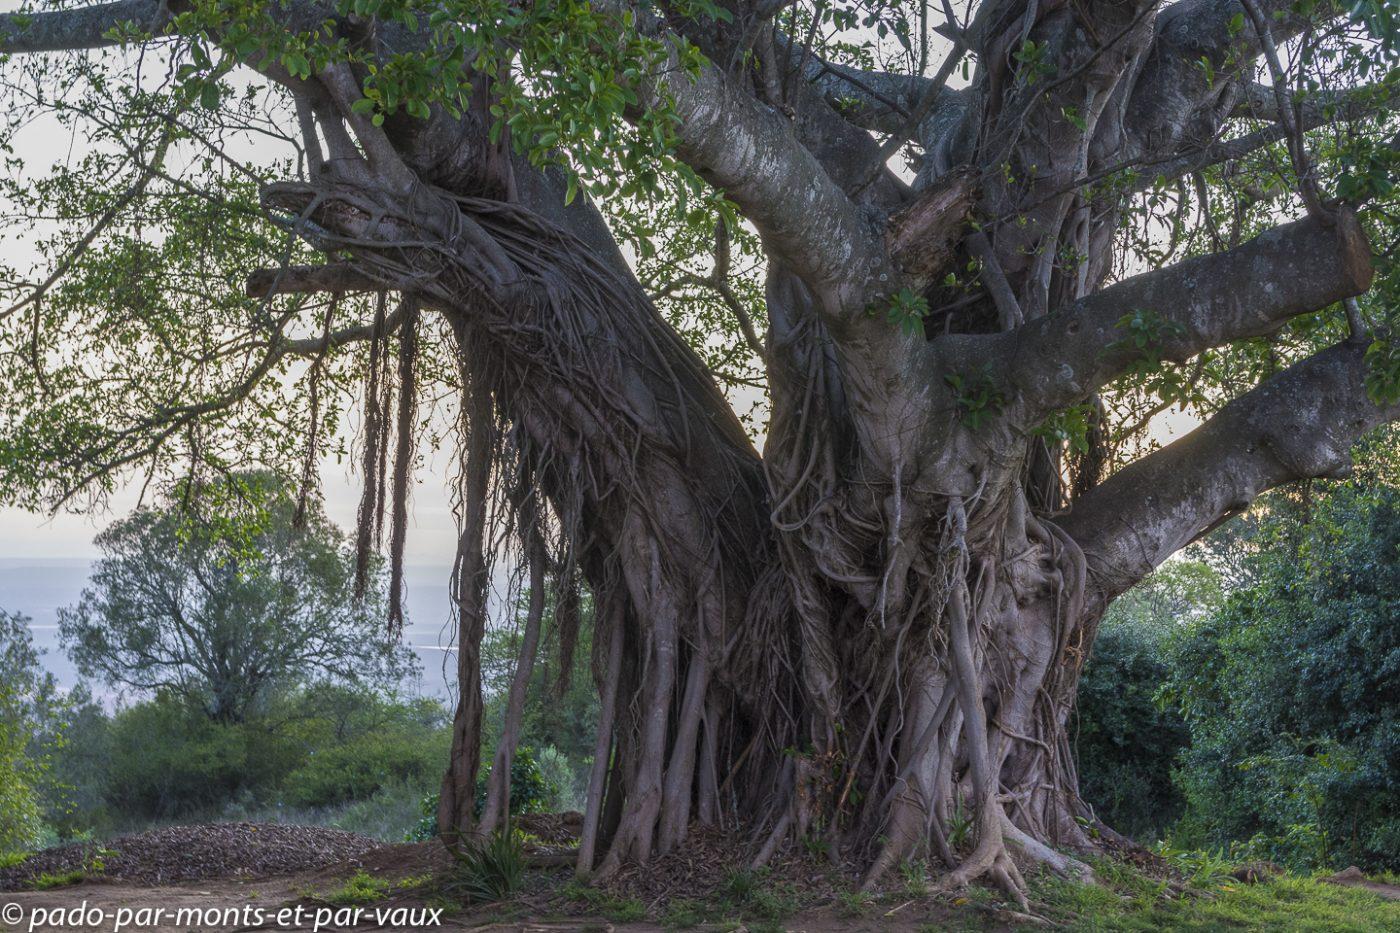 Ficus (Fig tree)